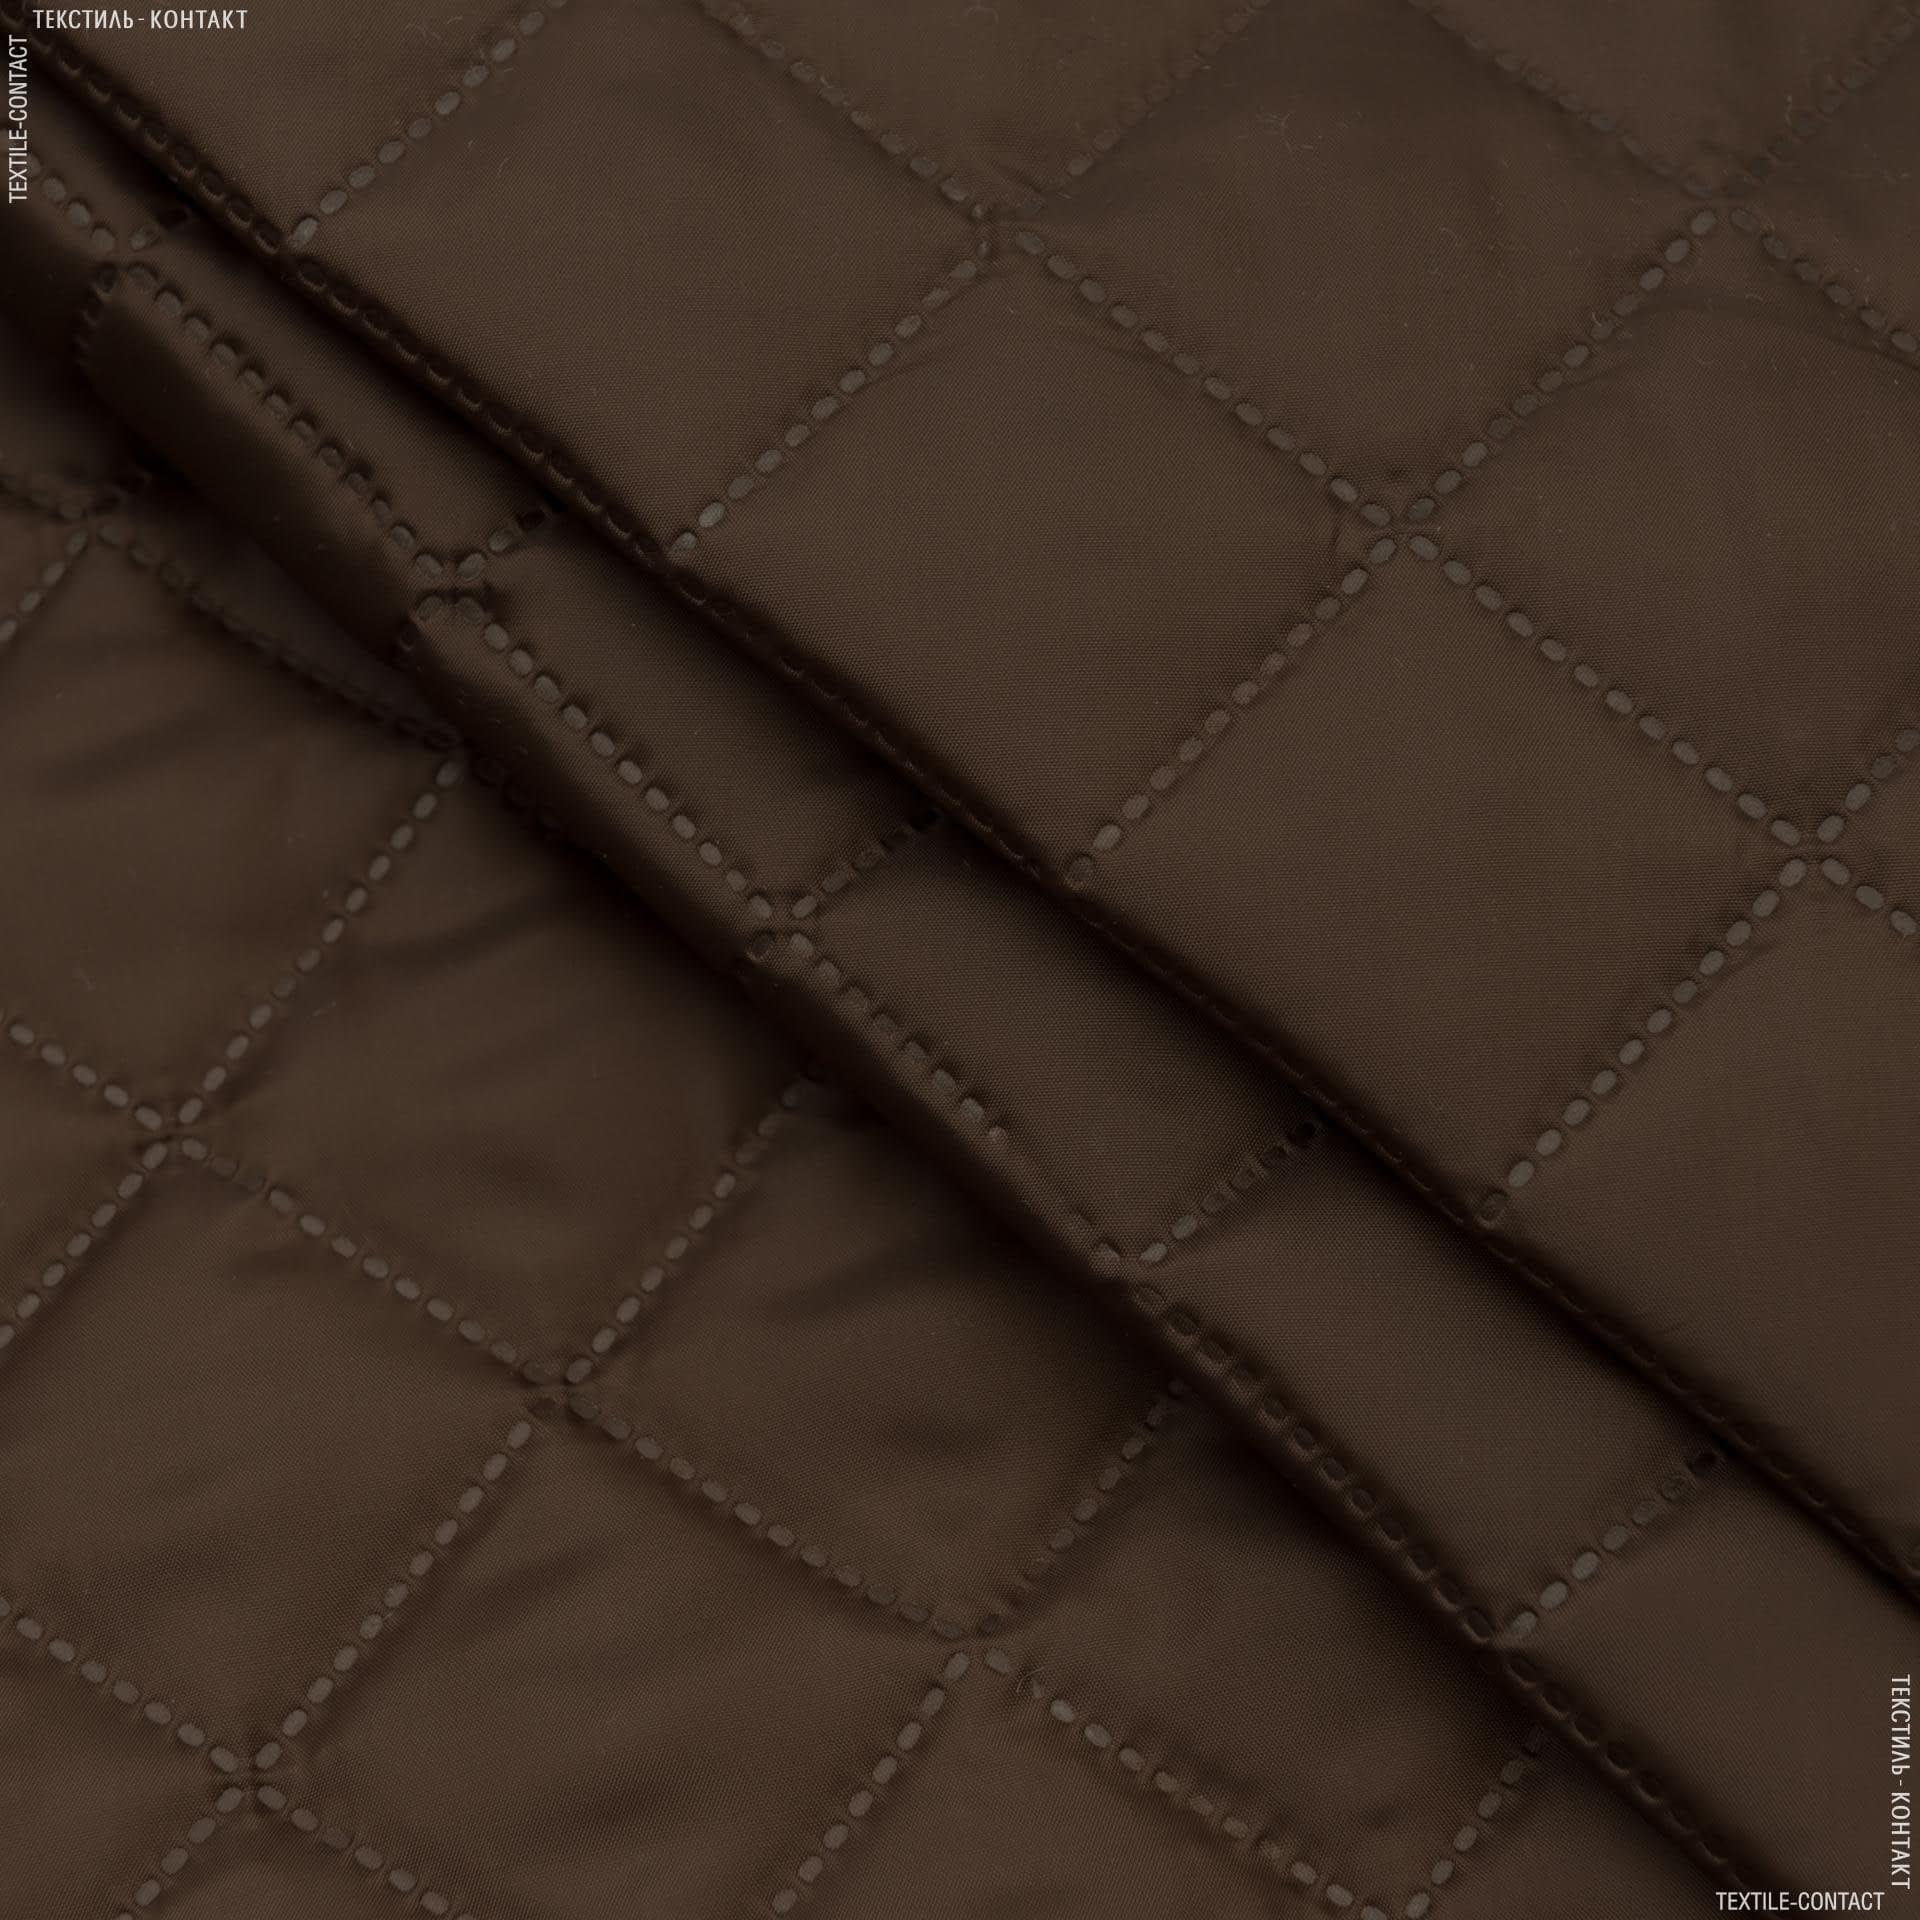 Тканини підкладкова тканина - Підкладка 190Т термопаяна  з синтепоном  100г/м  5см*5см коричневий